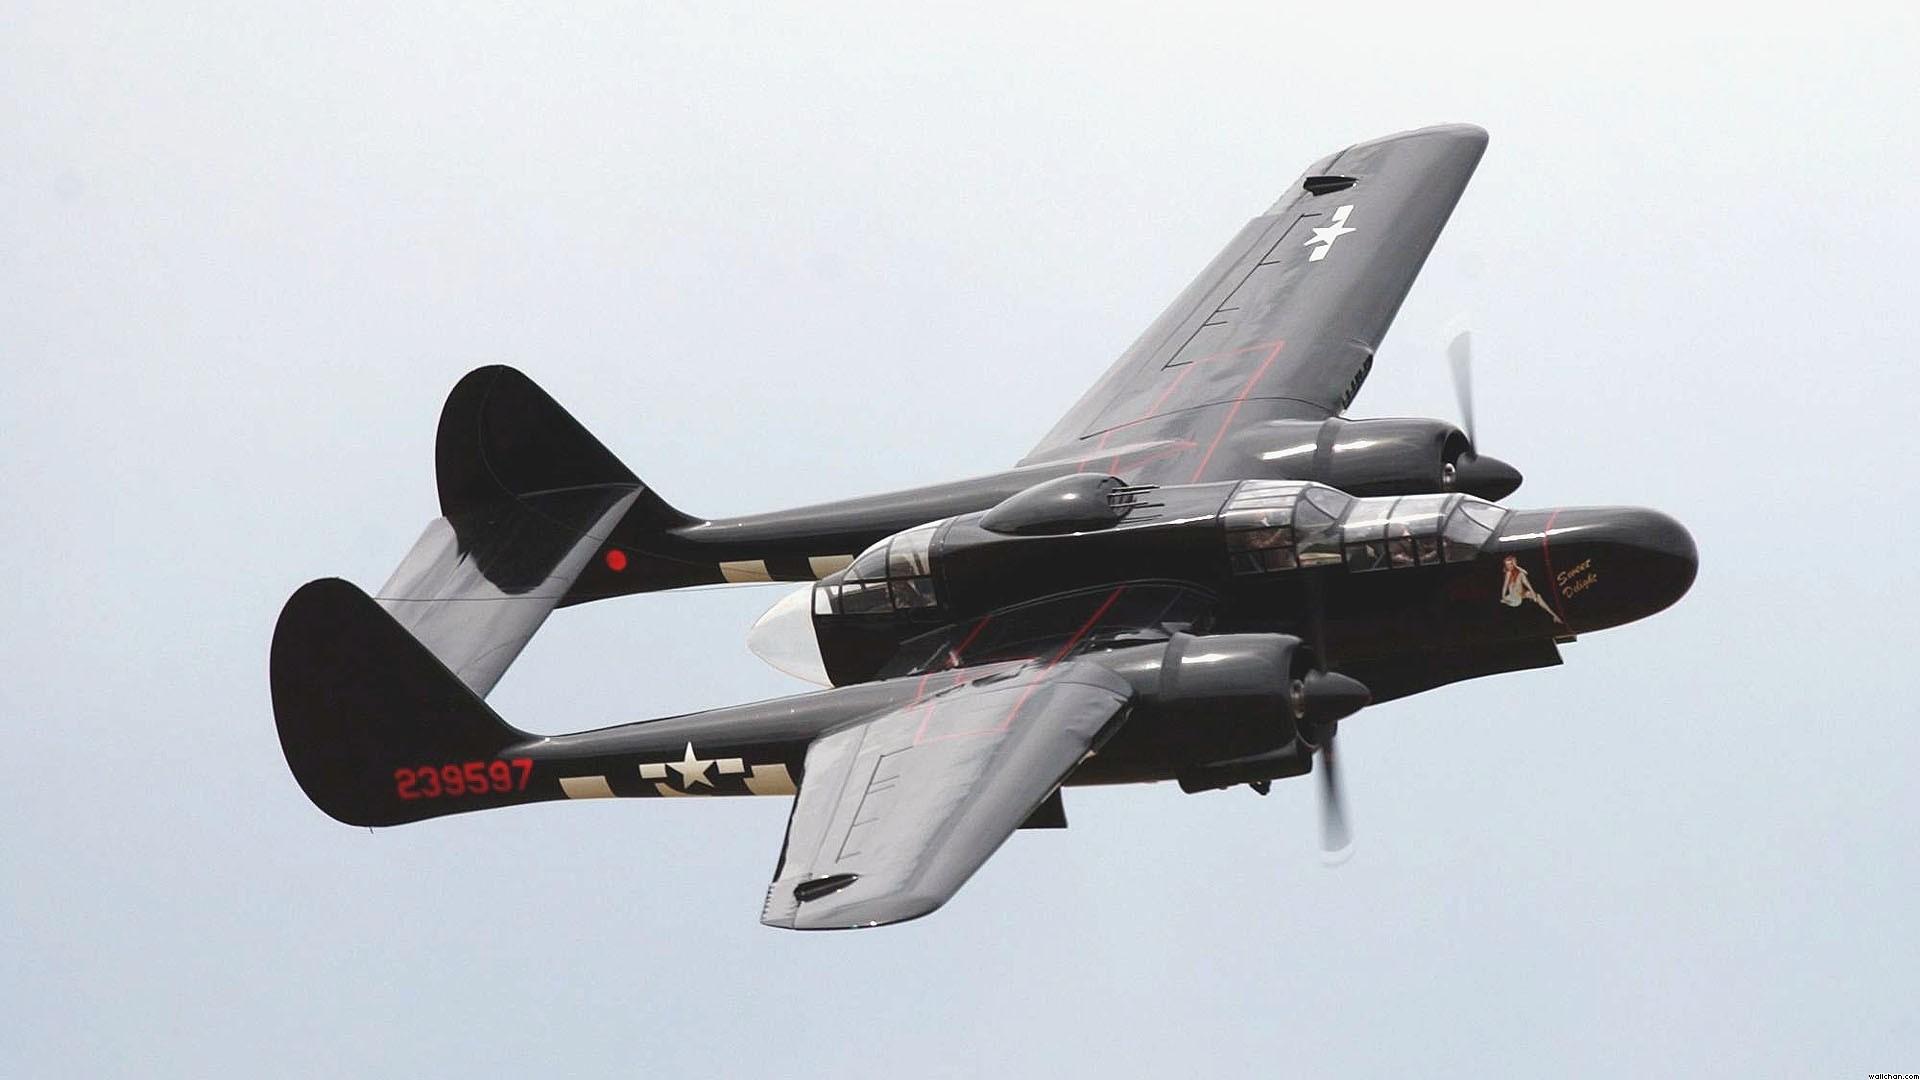 Military Aircraft Fighter World War Ii Warbird Black Widow 410148 1920 .